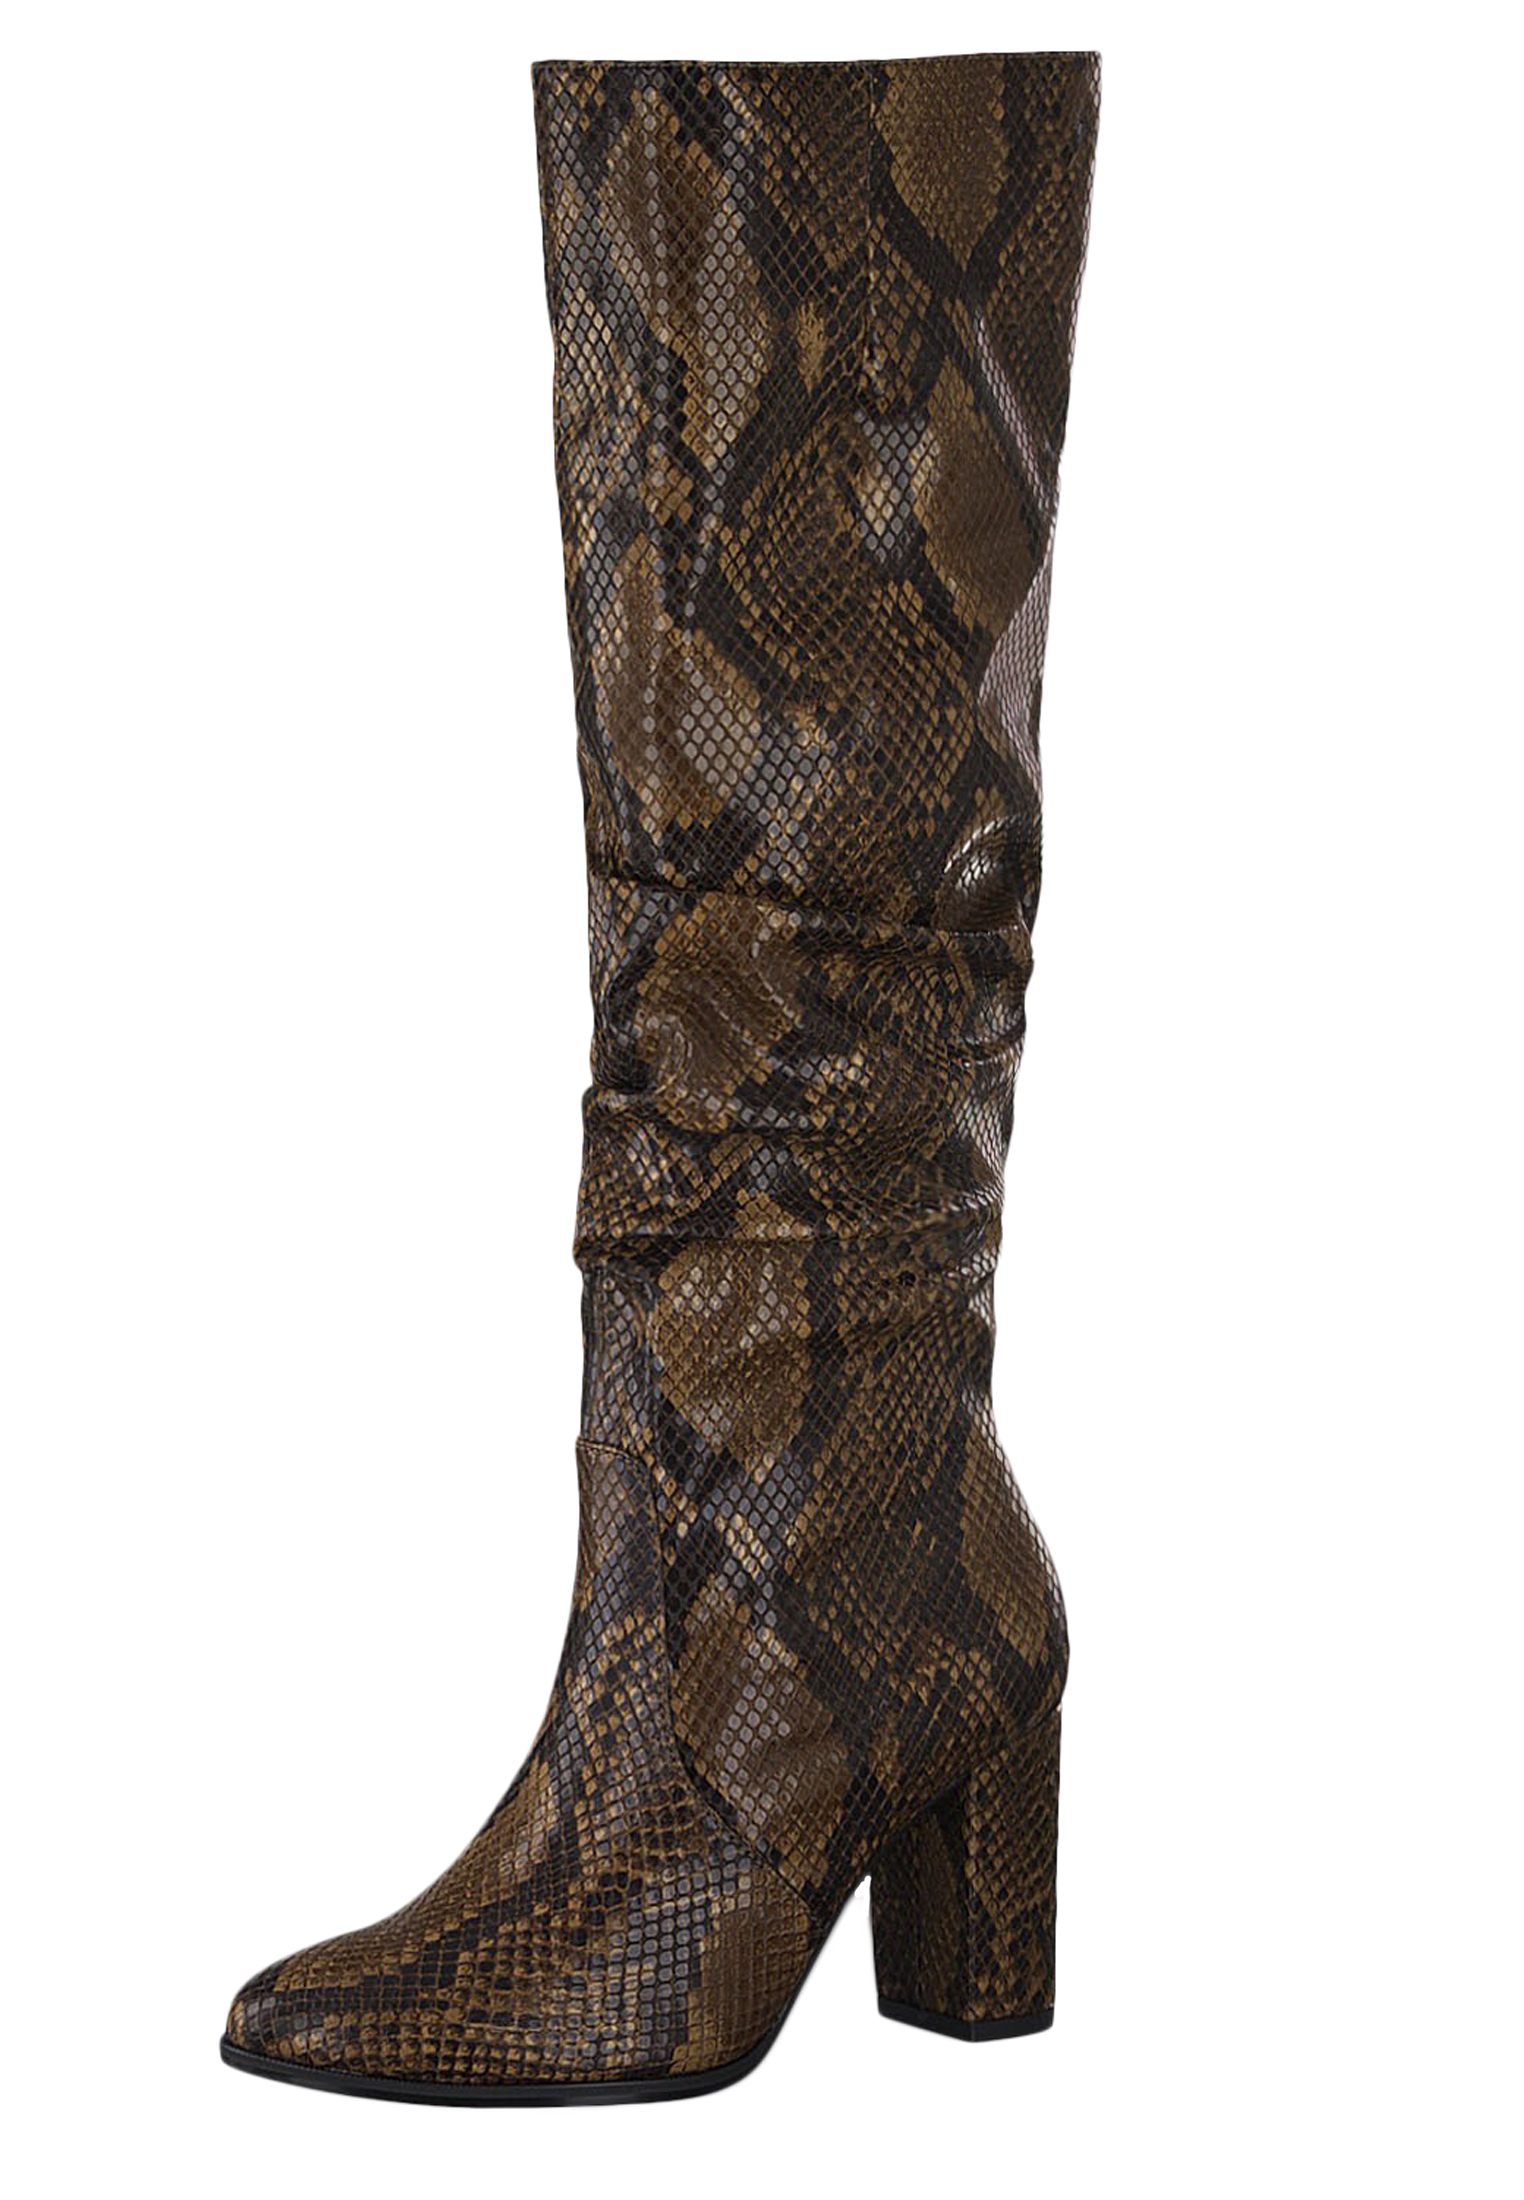 Tamaris Trend 1 25519 23 476 Damen Stiefel Langschaftstiefel Terra Snake Mehrfarbig Schlangenmuster mit TOUCH IT Sohle